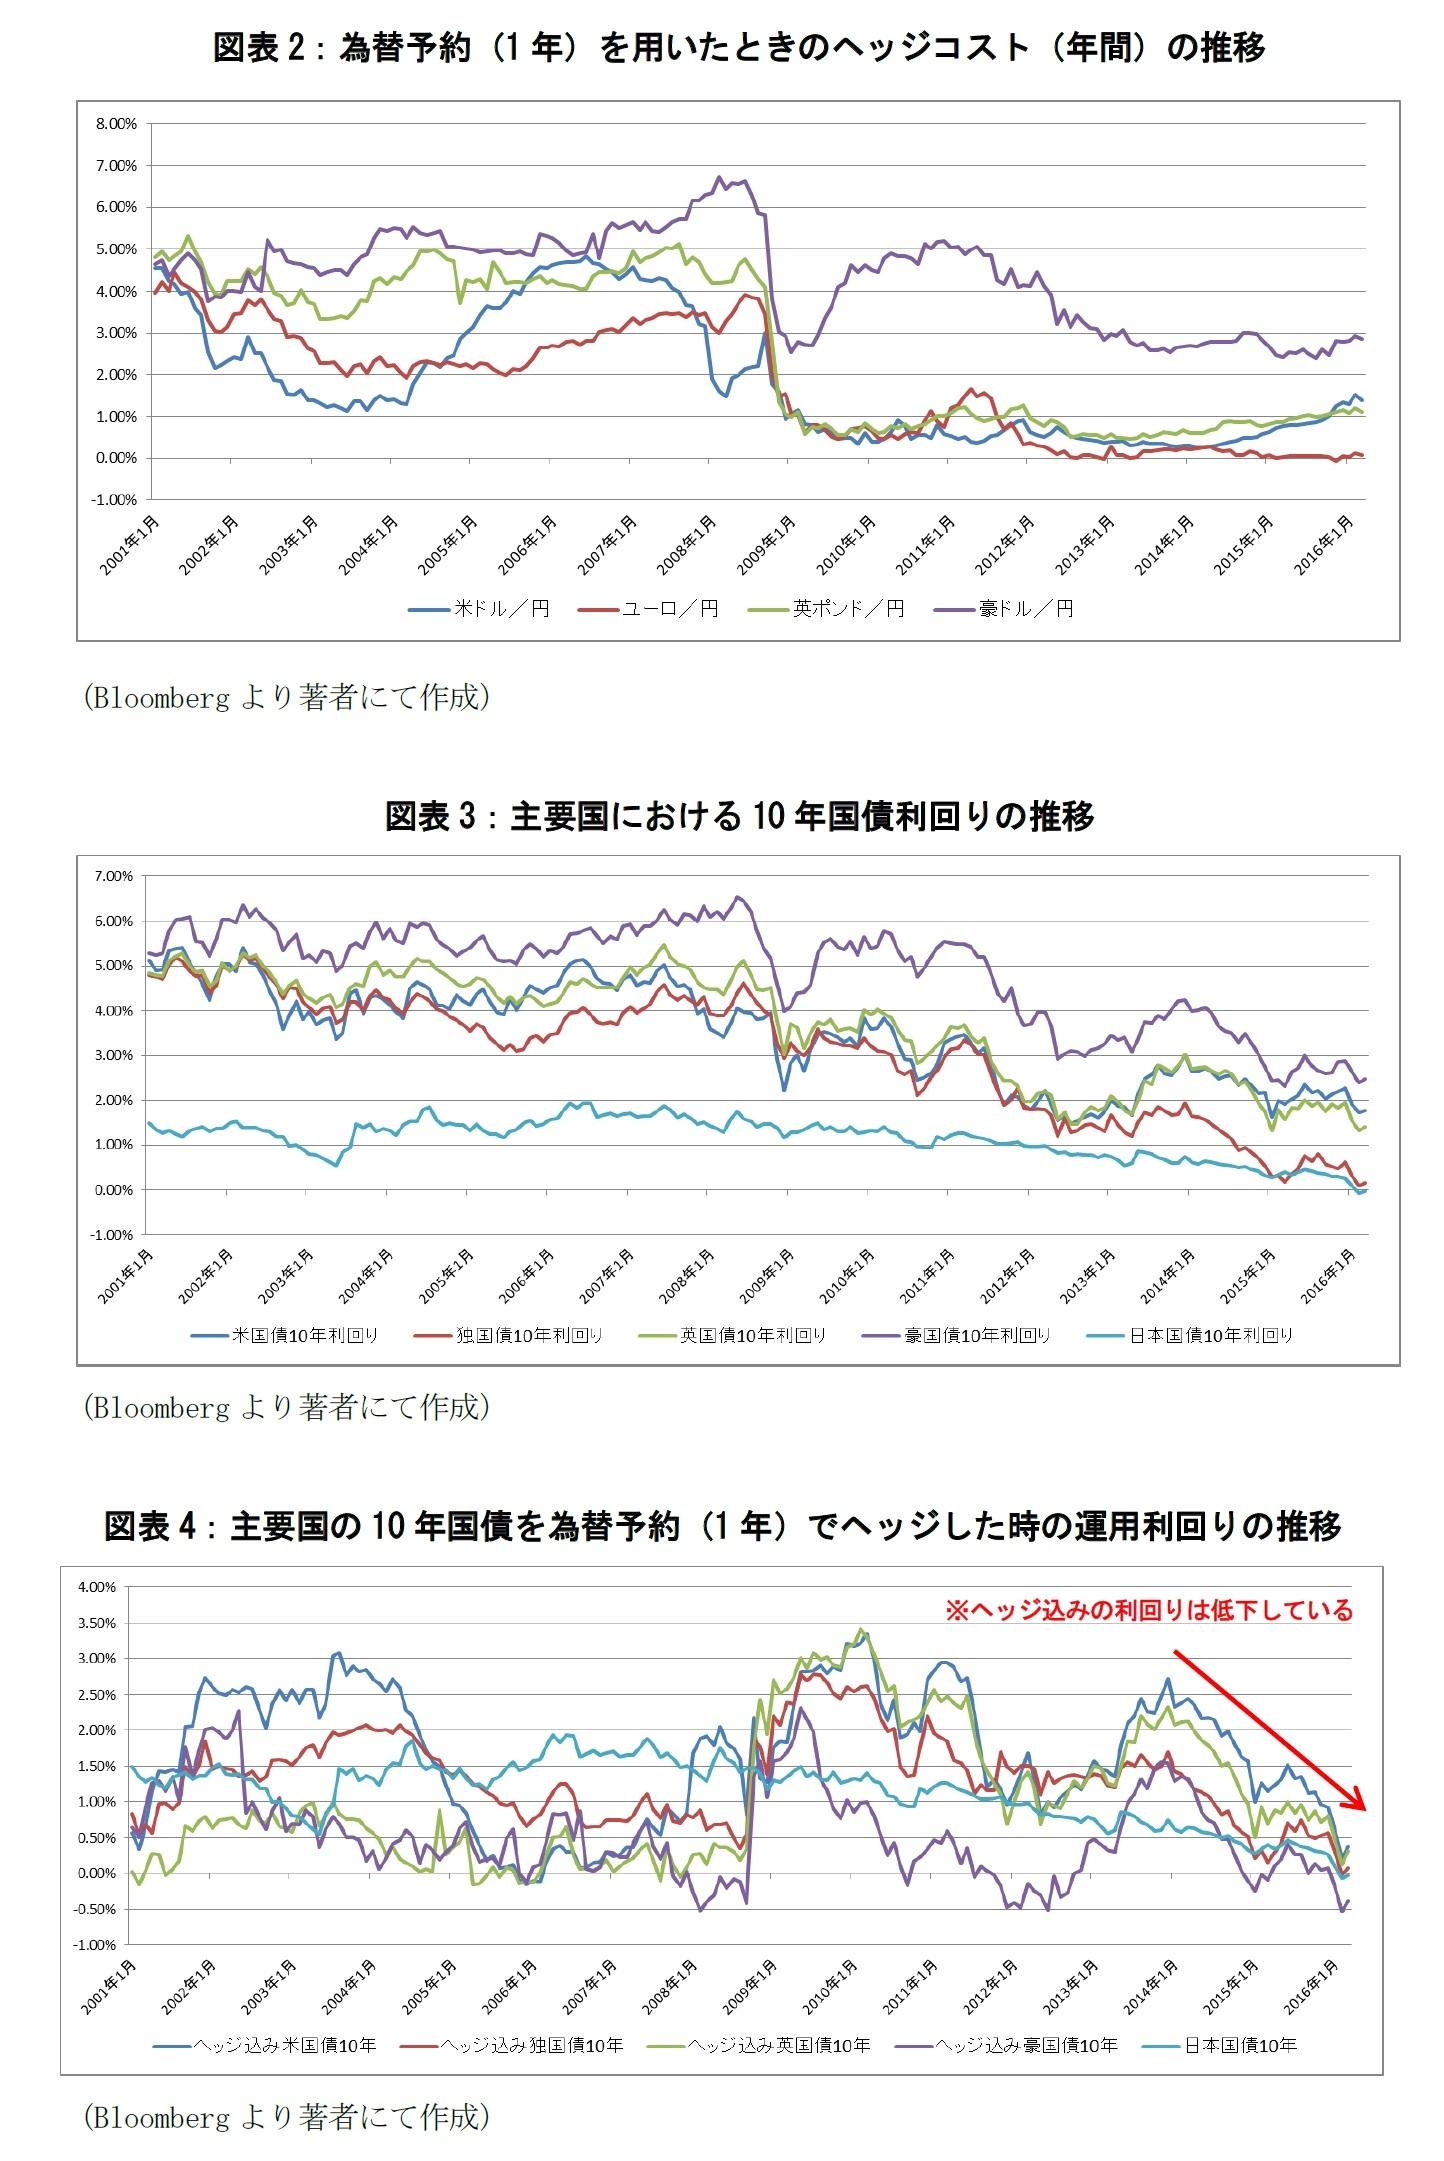 図表2:為替予約(1年)を用いたときのヘッジコスト(年間)の推移/図表3:主要国における10年国債利回りの推移/図表4:主要国の10年国債を為替予約(1年)でヘッジした時の運用利回りの推移